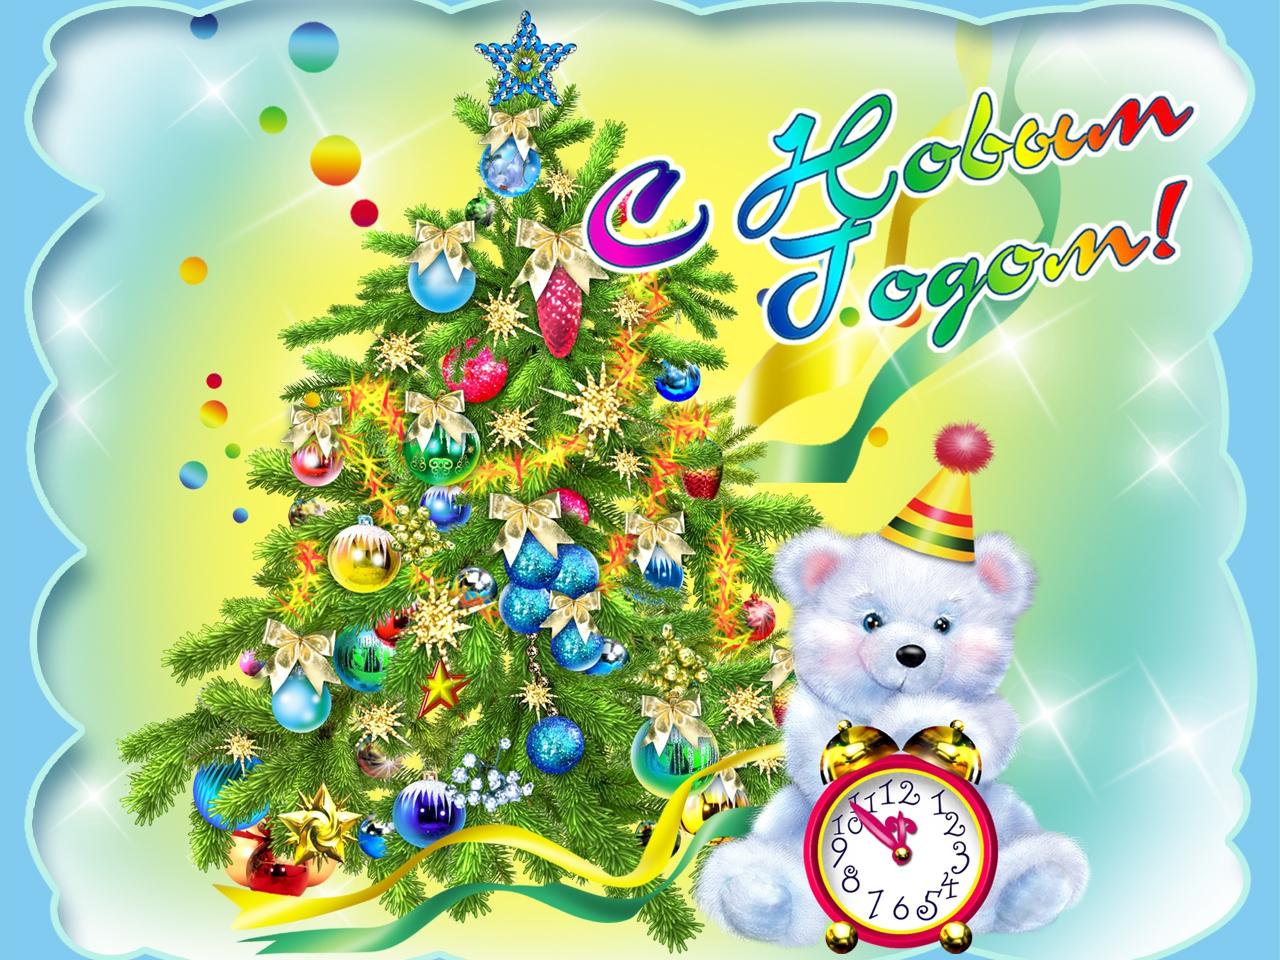 Новогодняя открытка - C наступающим новым годом 2018 поздравительные картинки